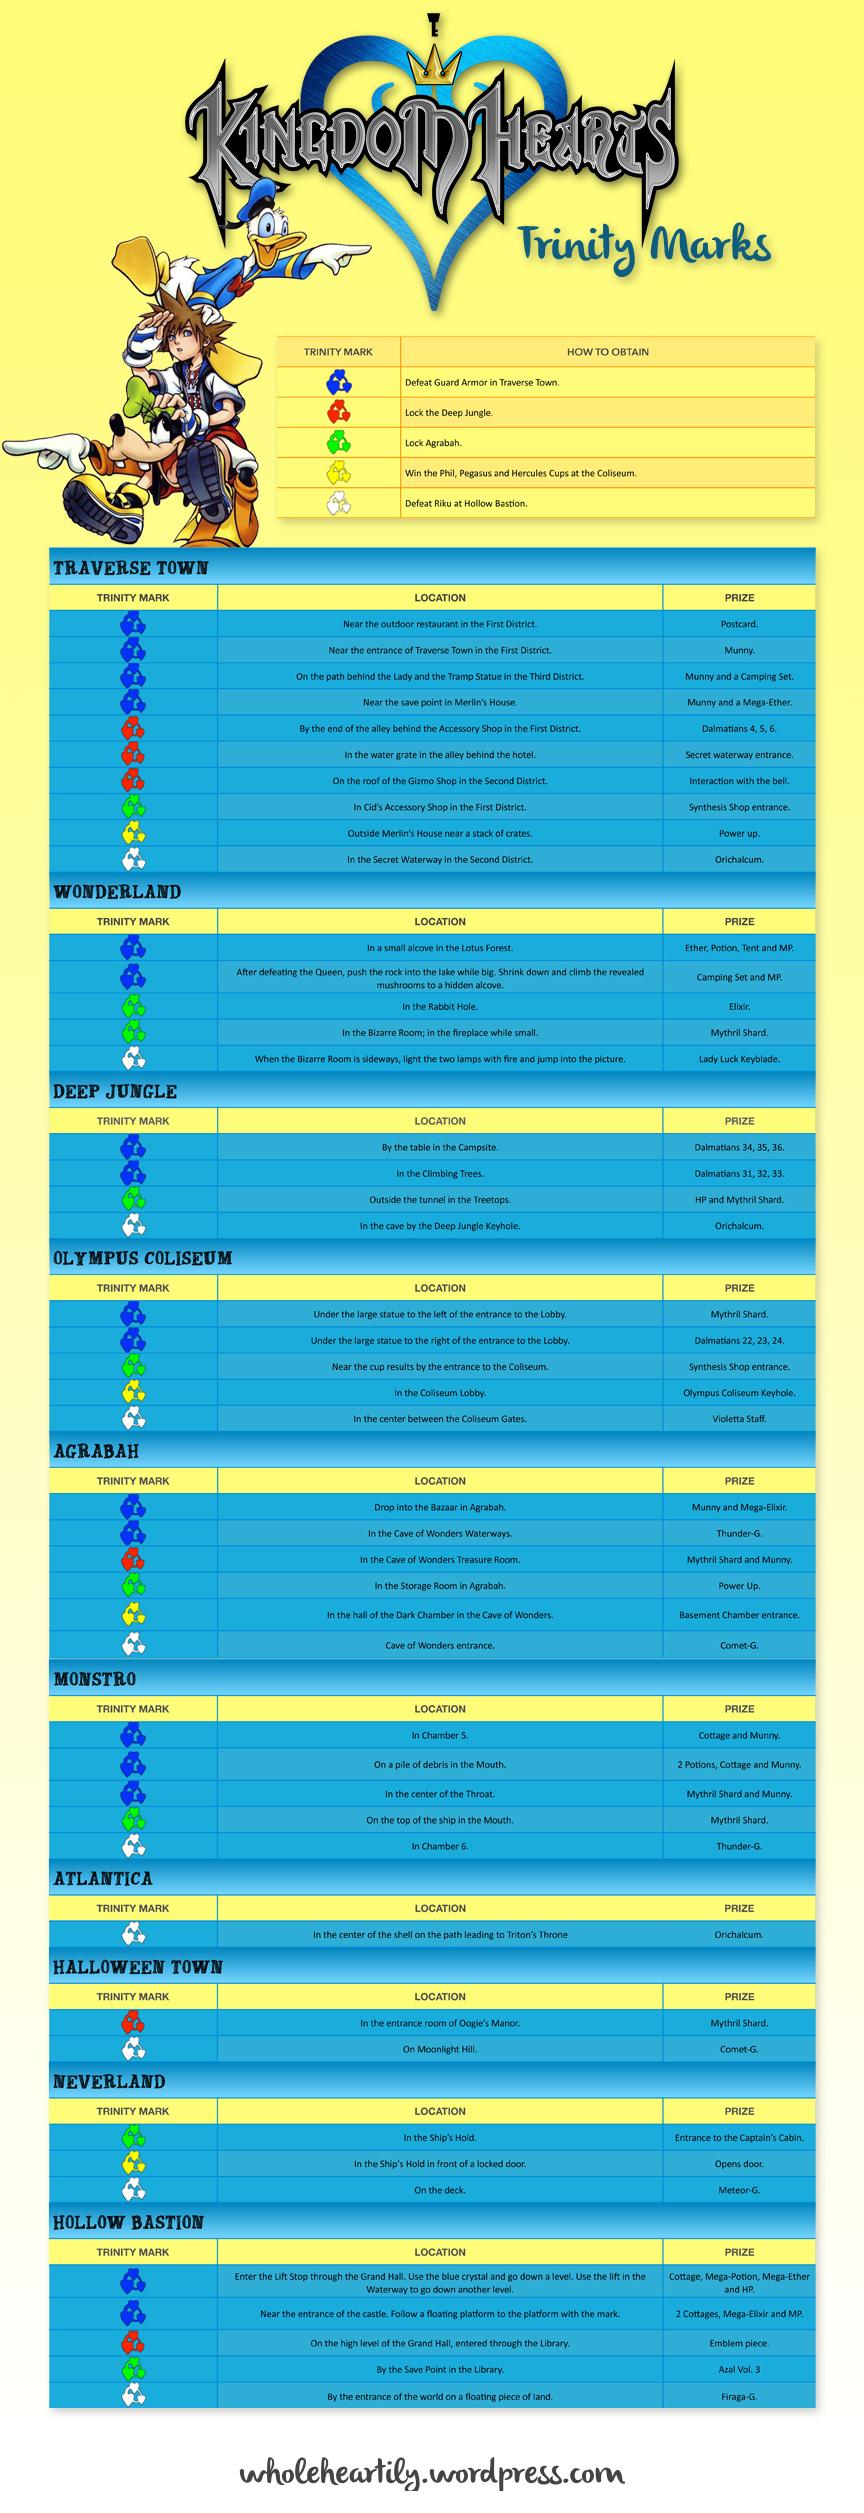 Kingdom Hearts Trinity Mark Guide